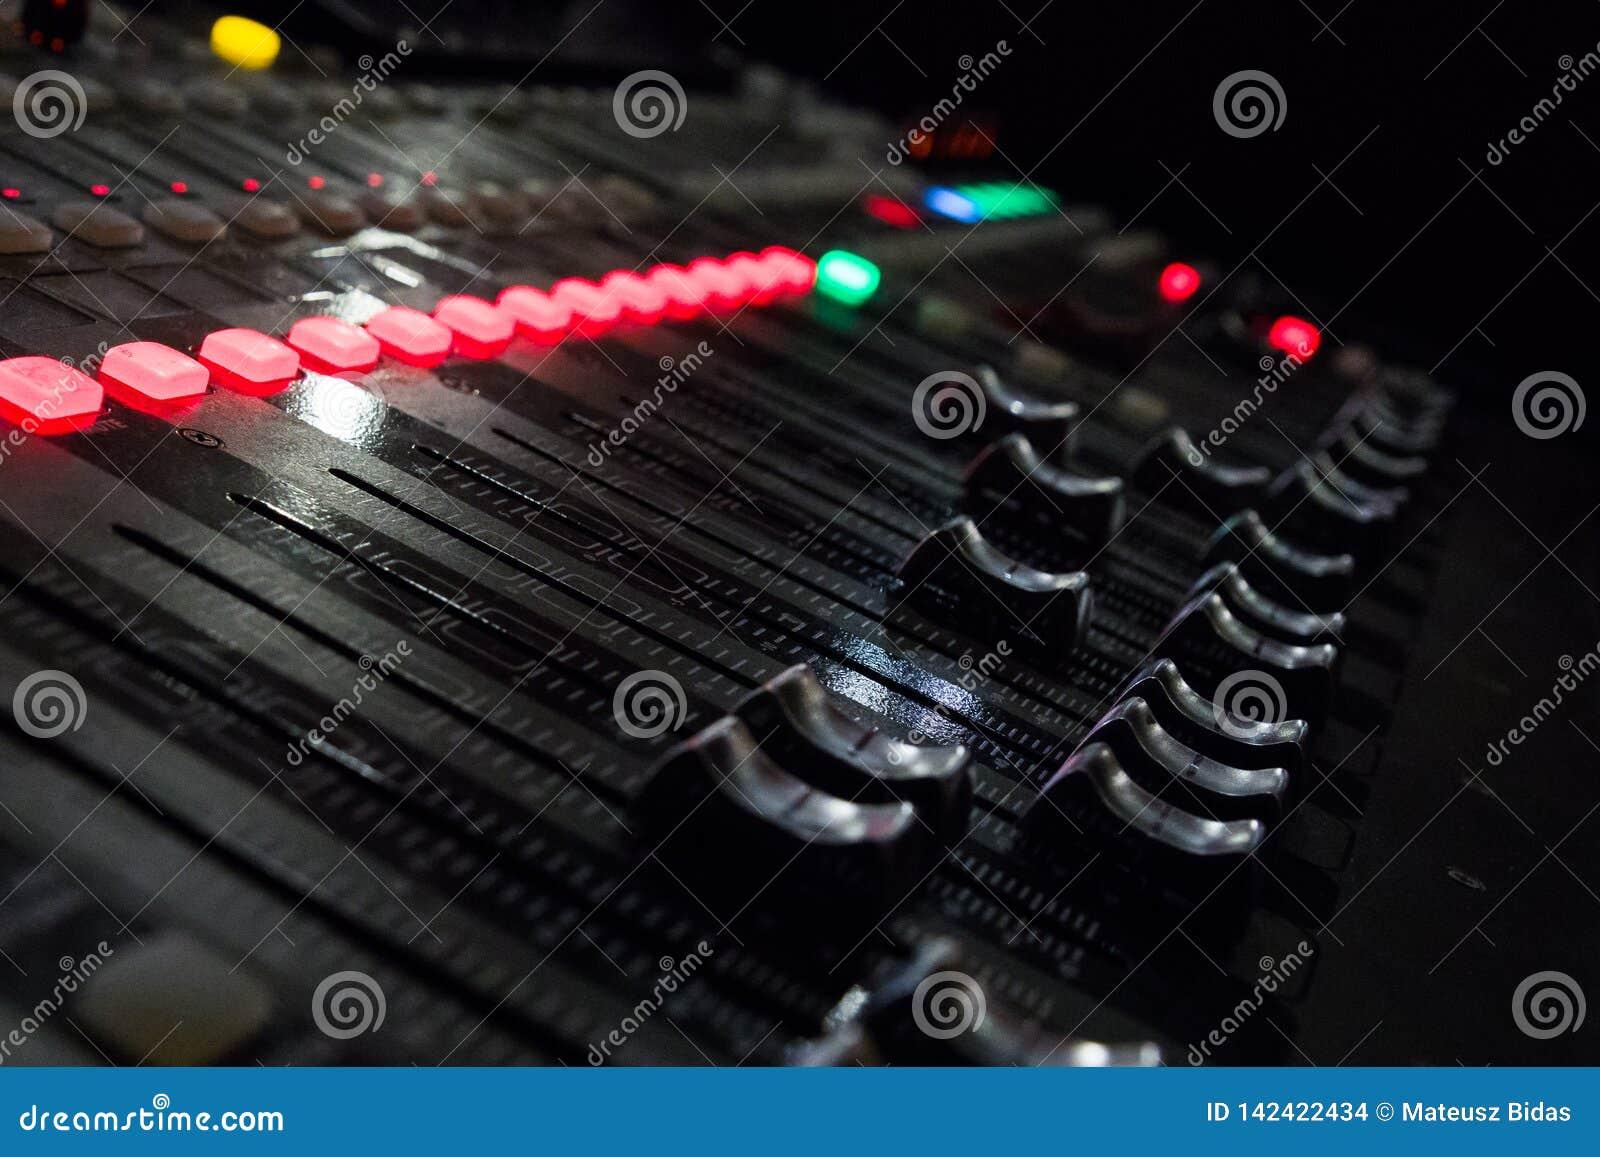 Une console de musique avec beaucoup de boutons et de glisseurs